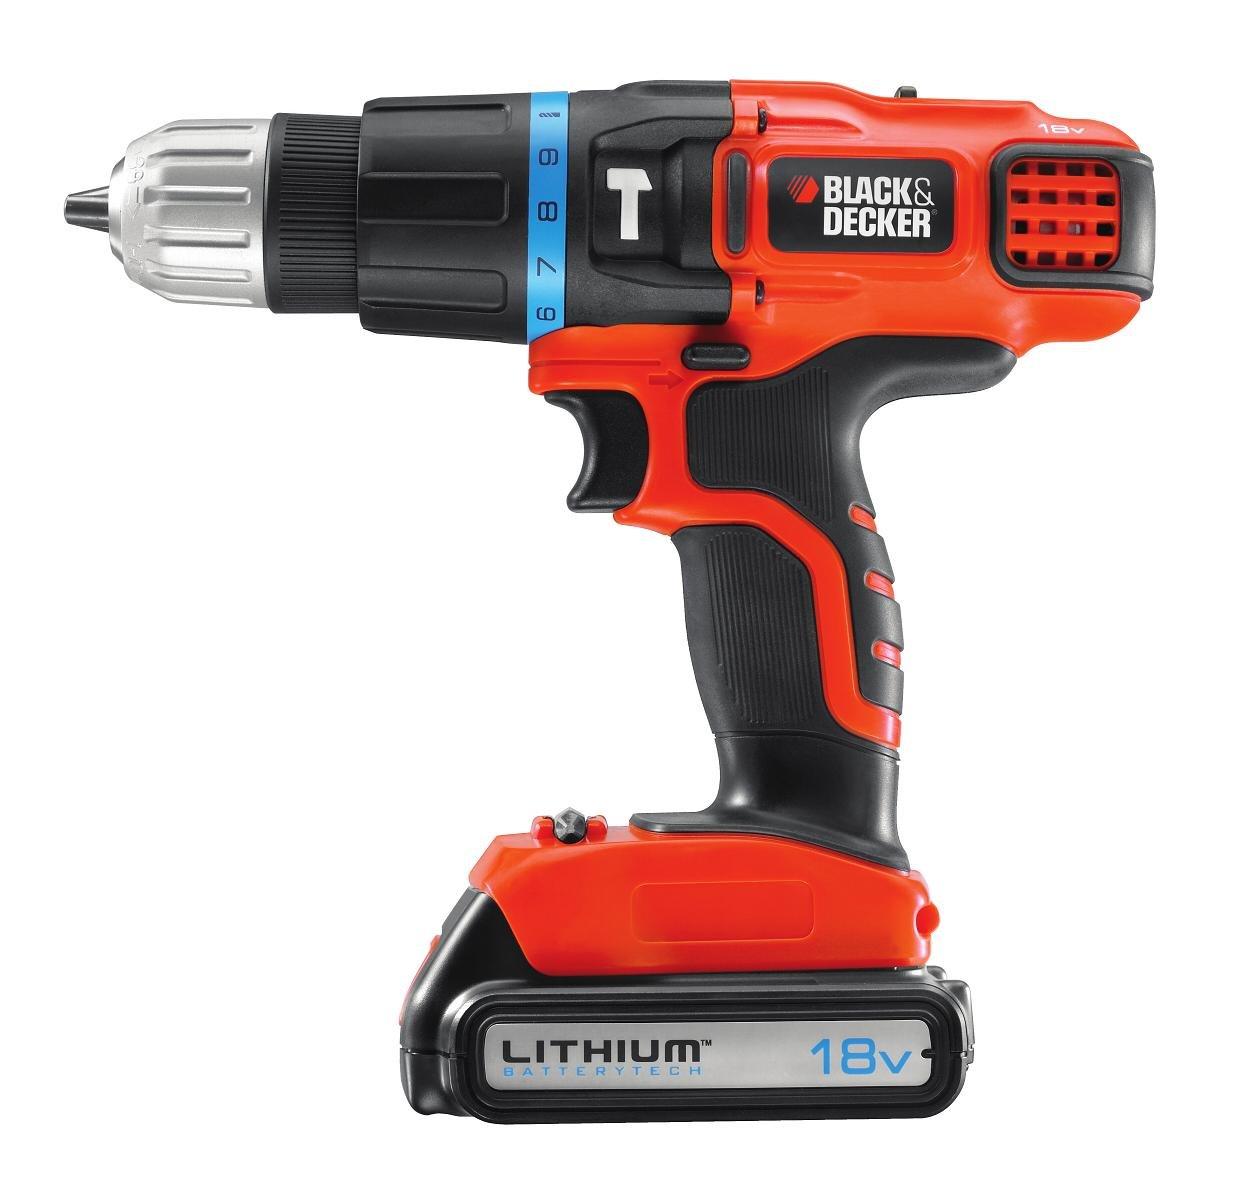 Black & Decker 18V Hammer Drill